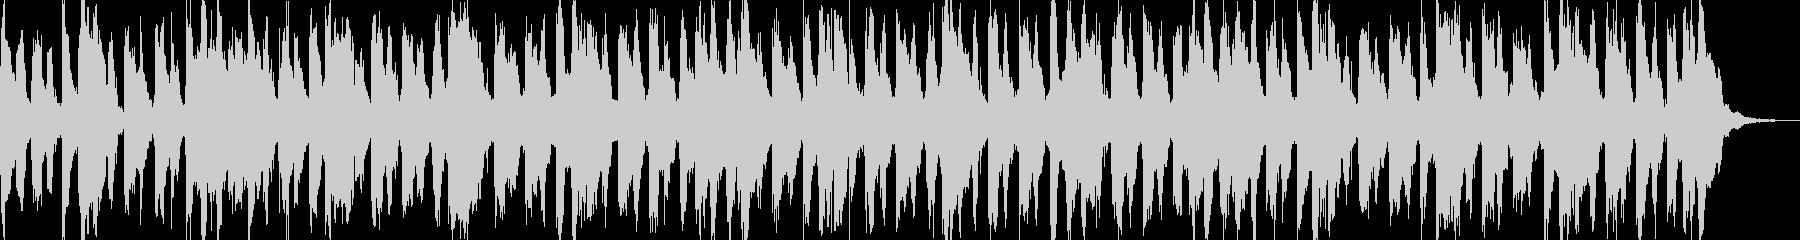 子供用のわんぱくな雰囲気のBGMの未再生の波形